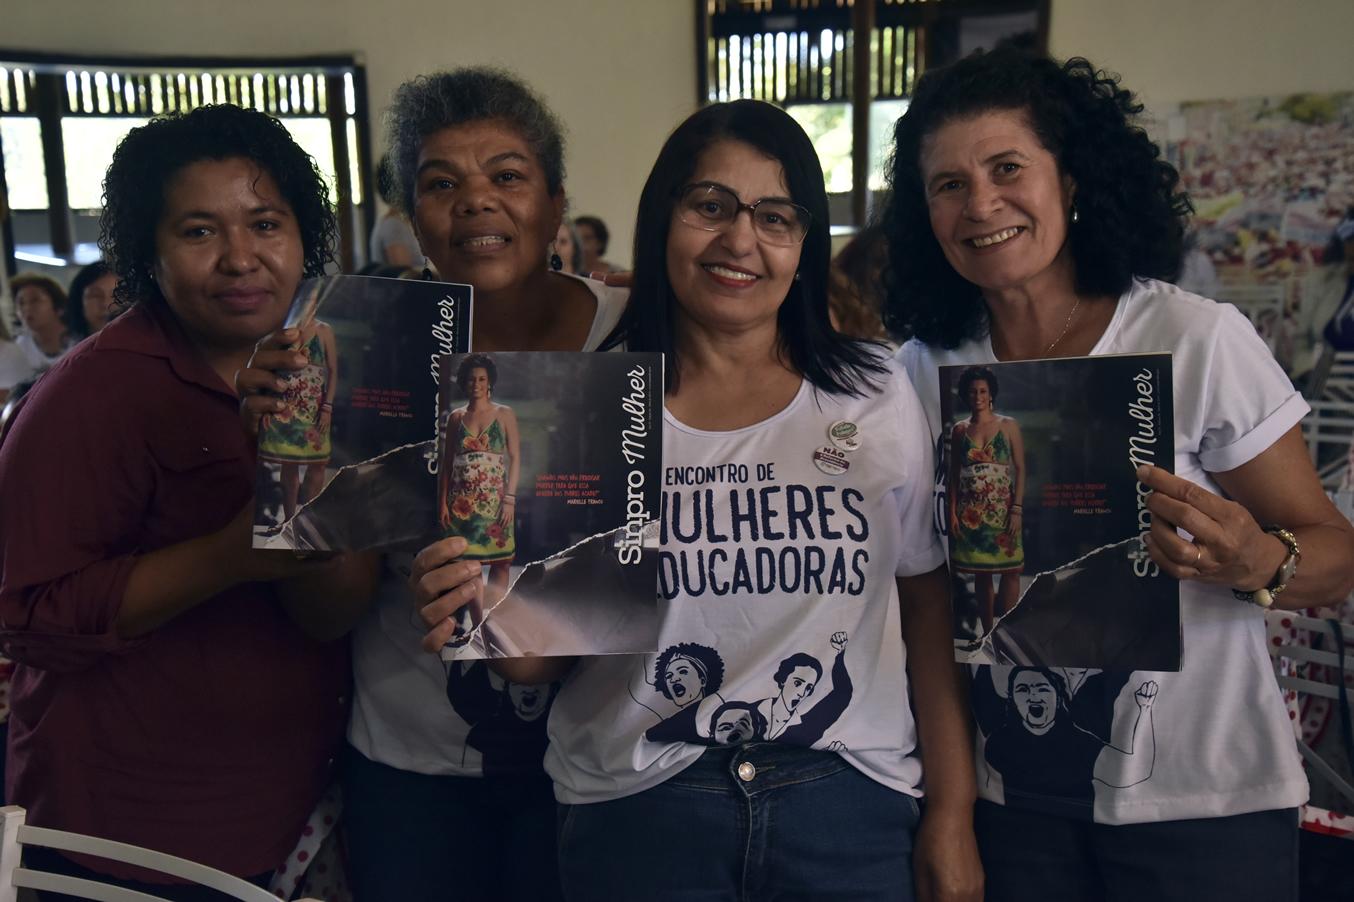 2019.04.27_ENCONTRO-MULHERES-EDUCADORAS_fotos-Deva-Garcia-65